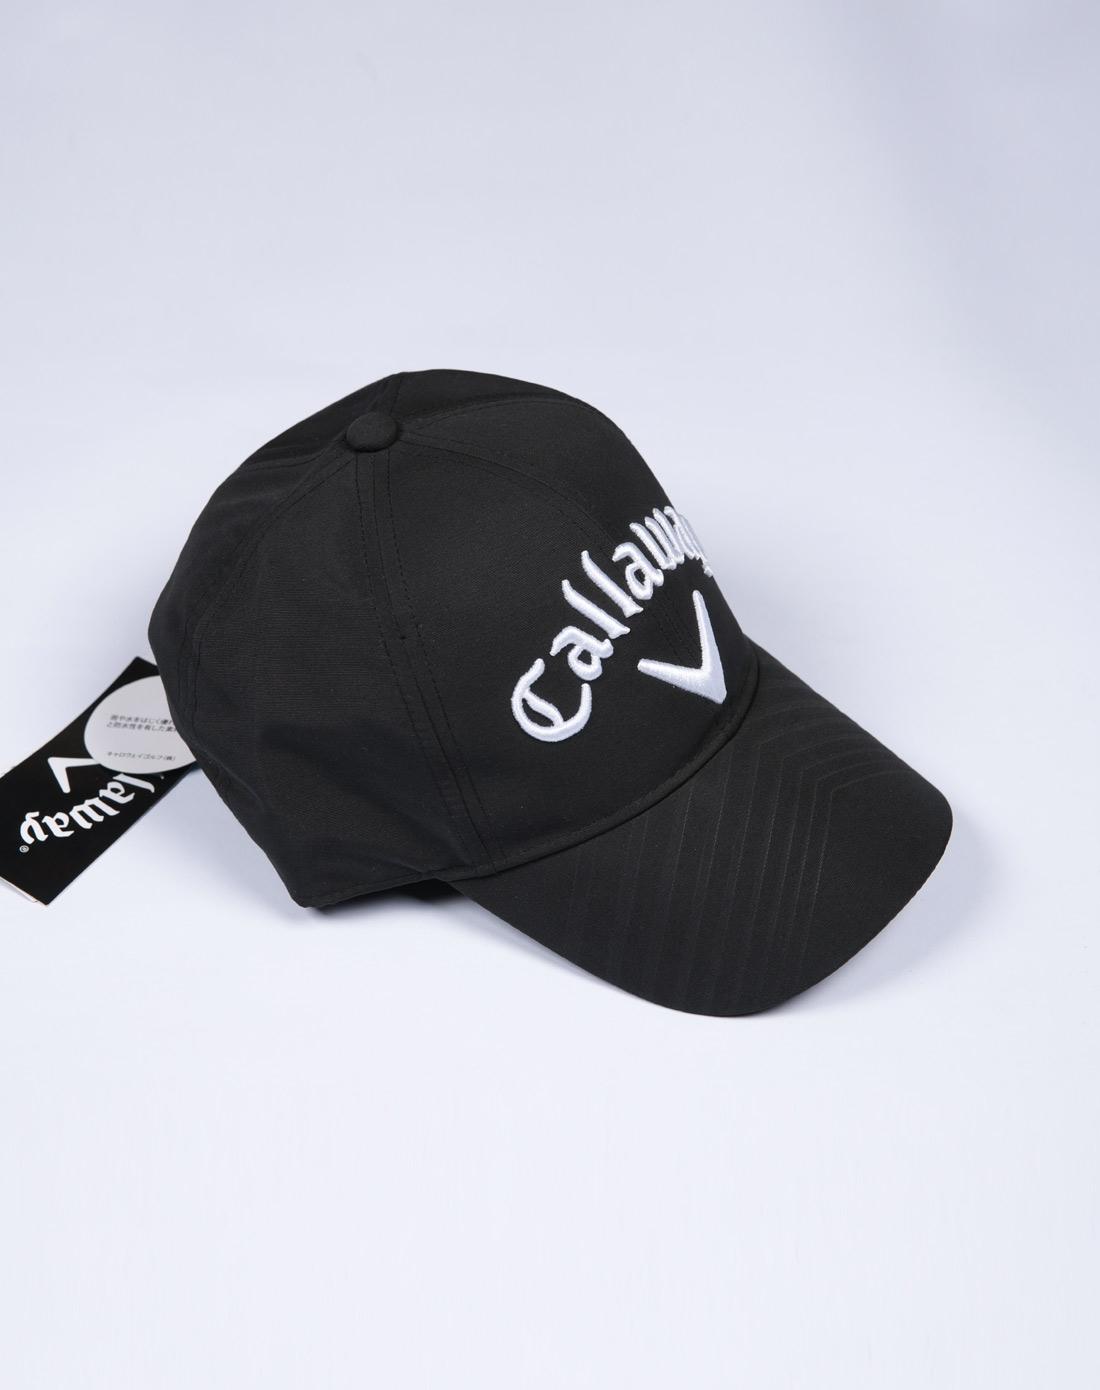 男士黑色帽子